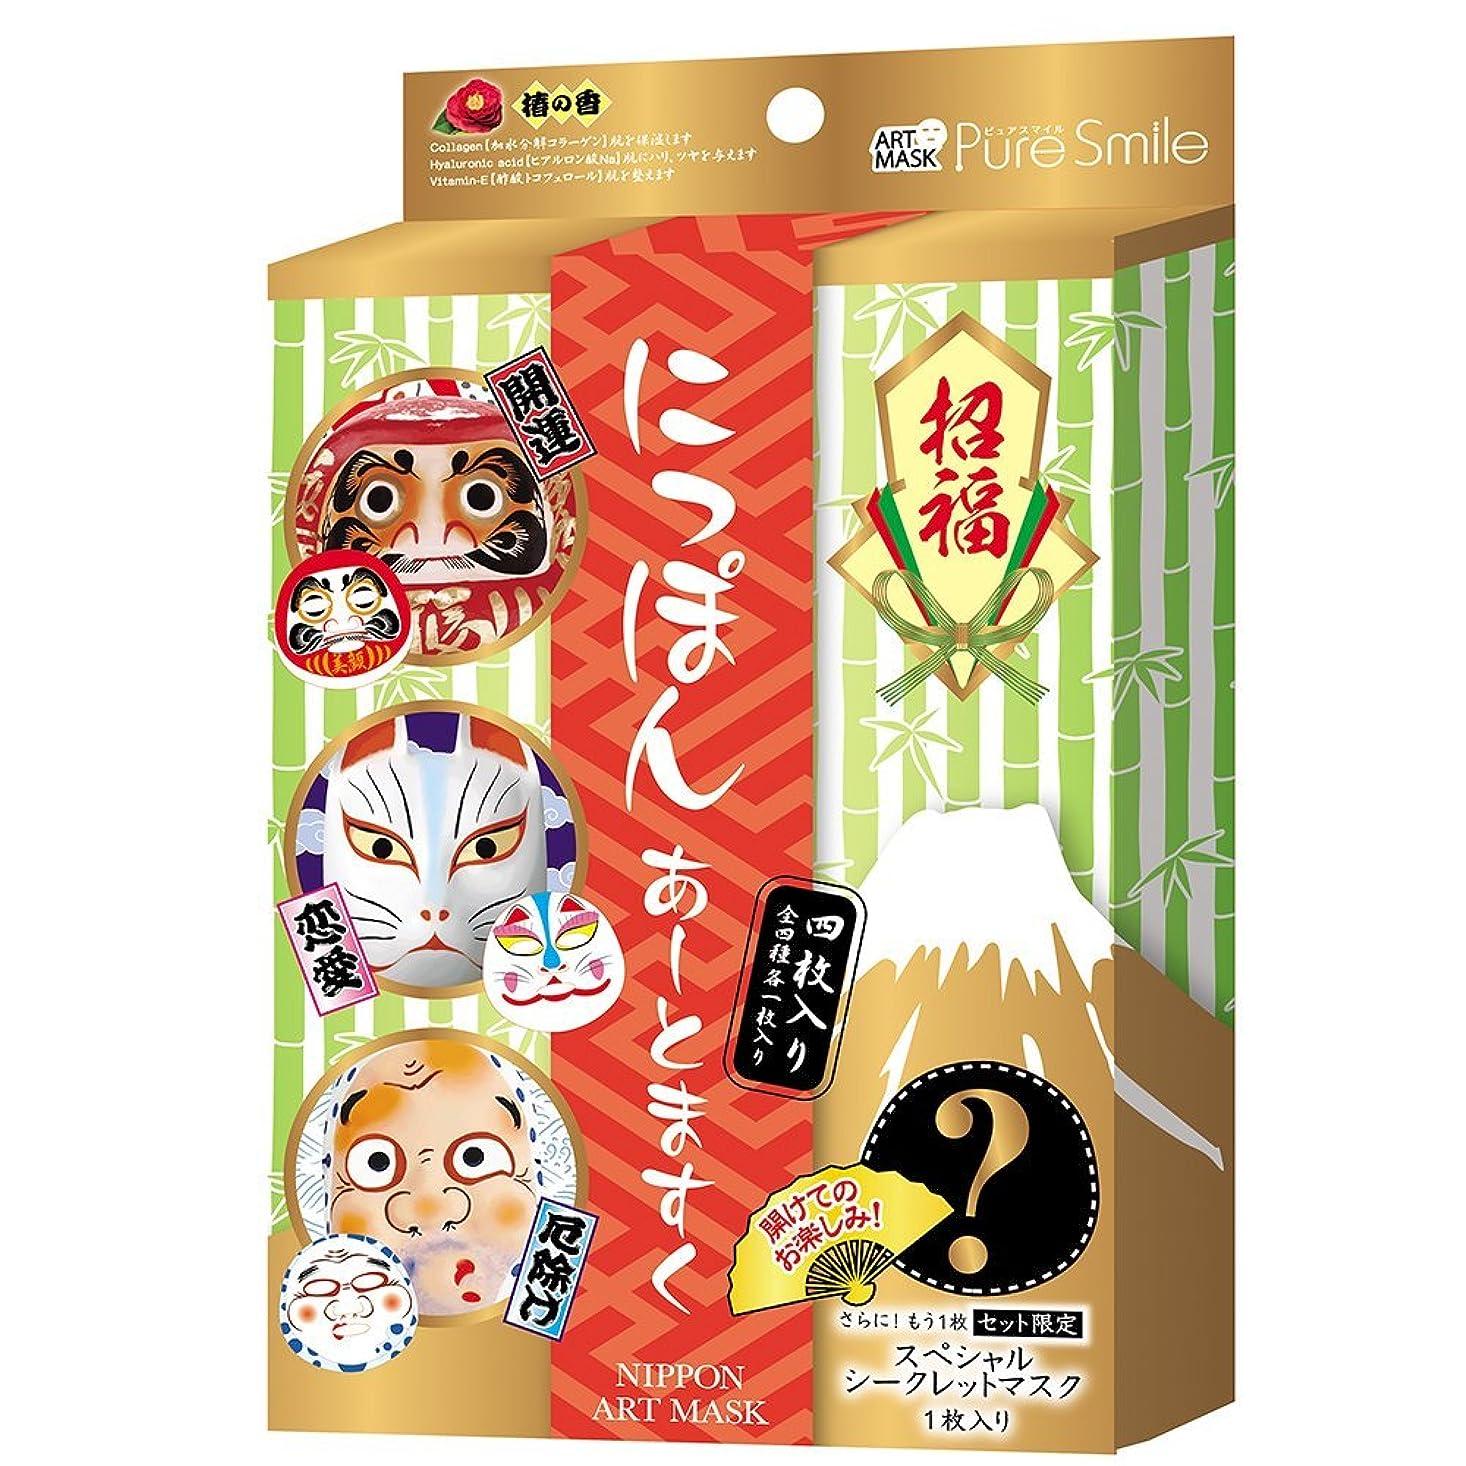 遺産装備する正確ピュアスマイル 招福にっぽんアートマスク お得なセットBOX(全4種類各1枚入り)